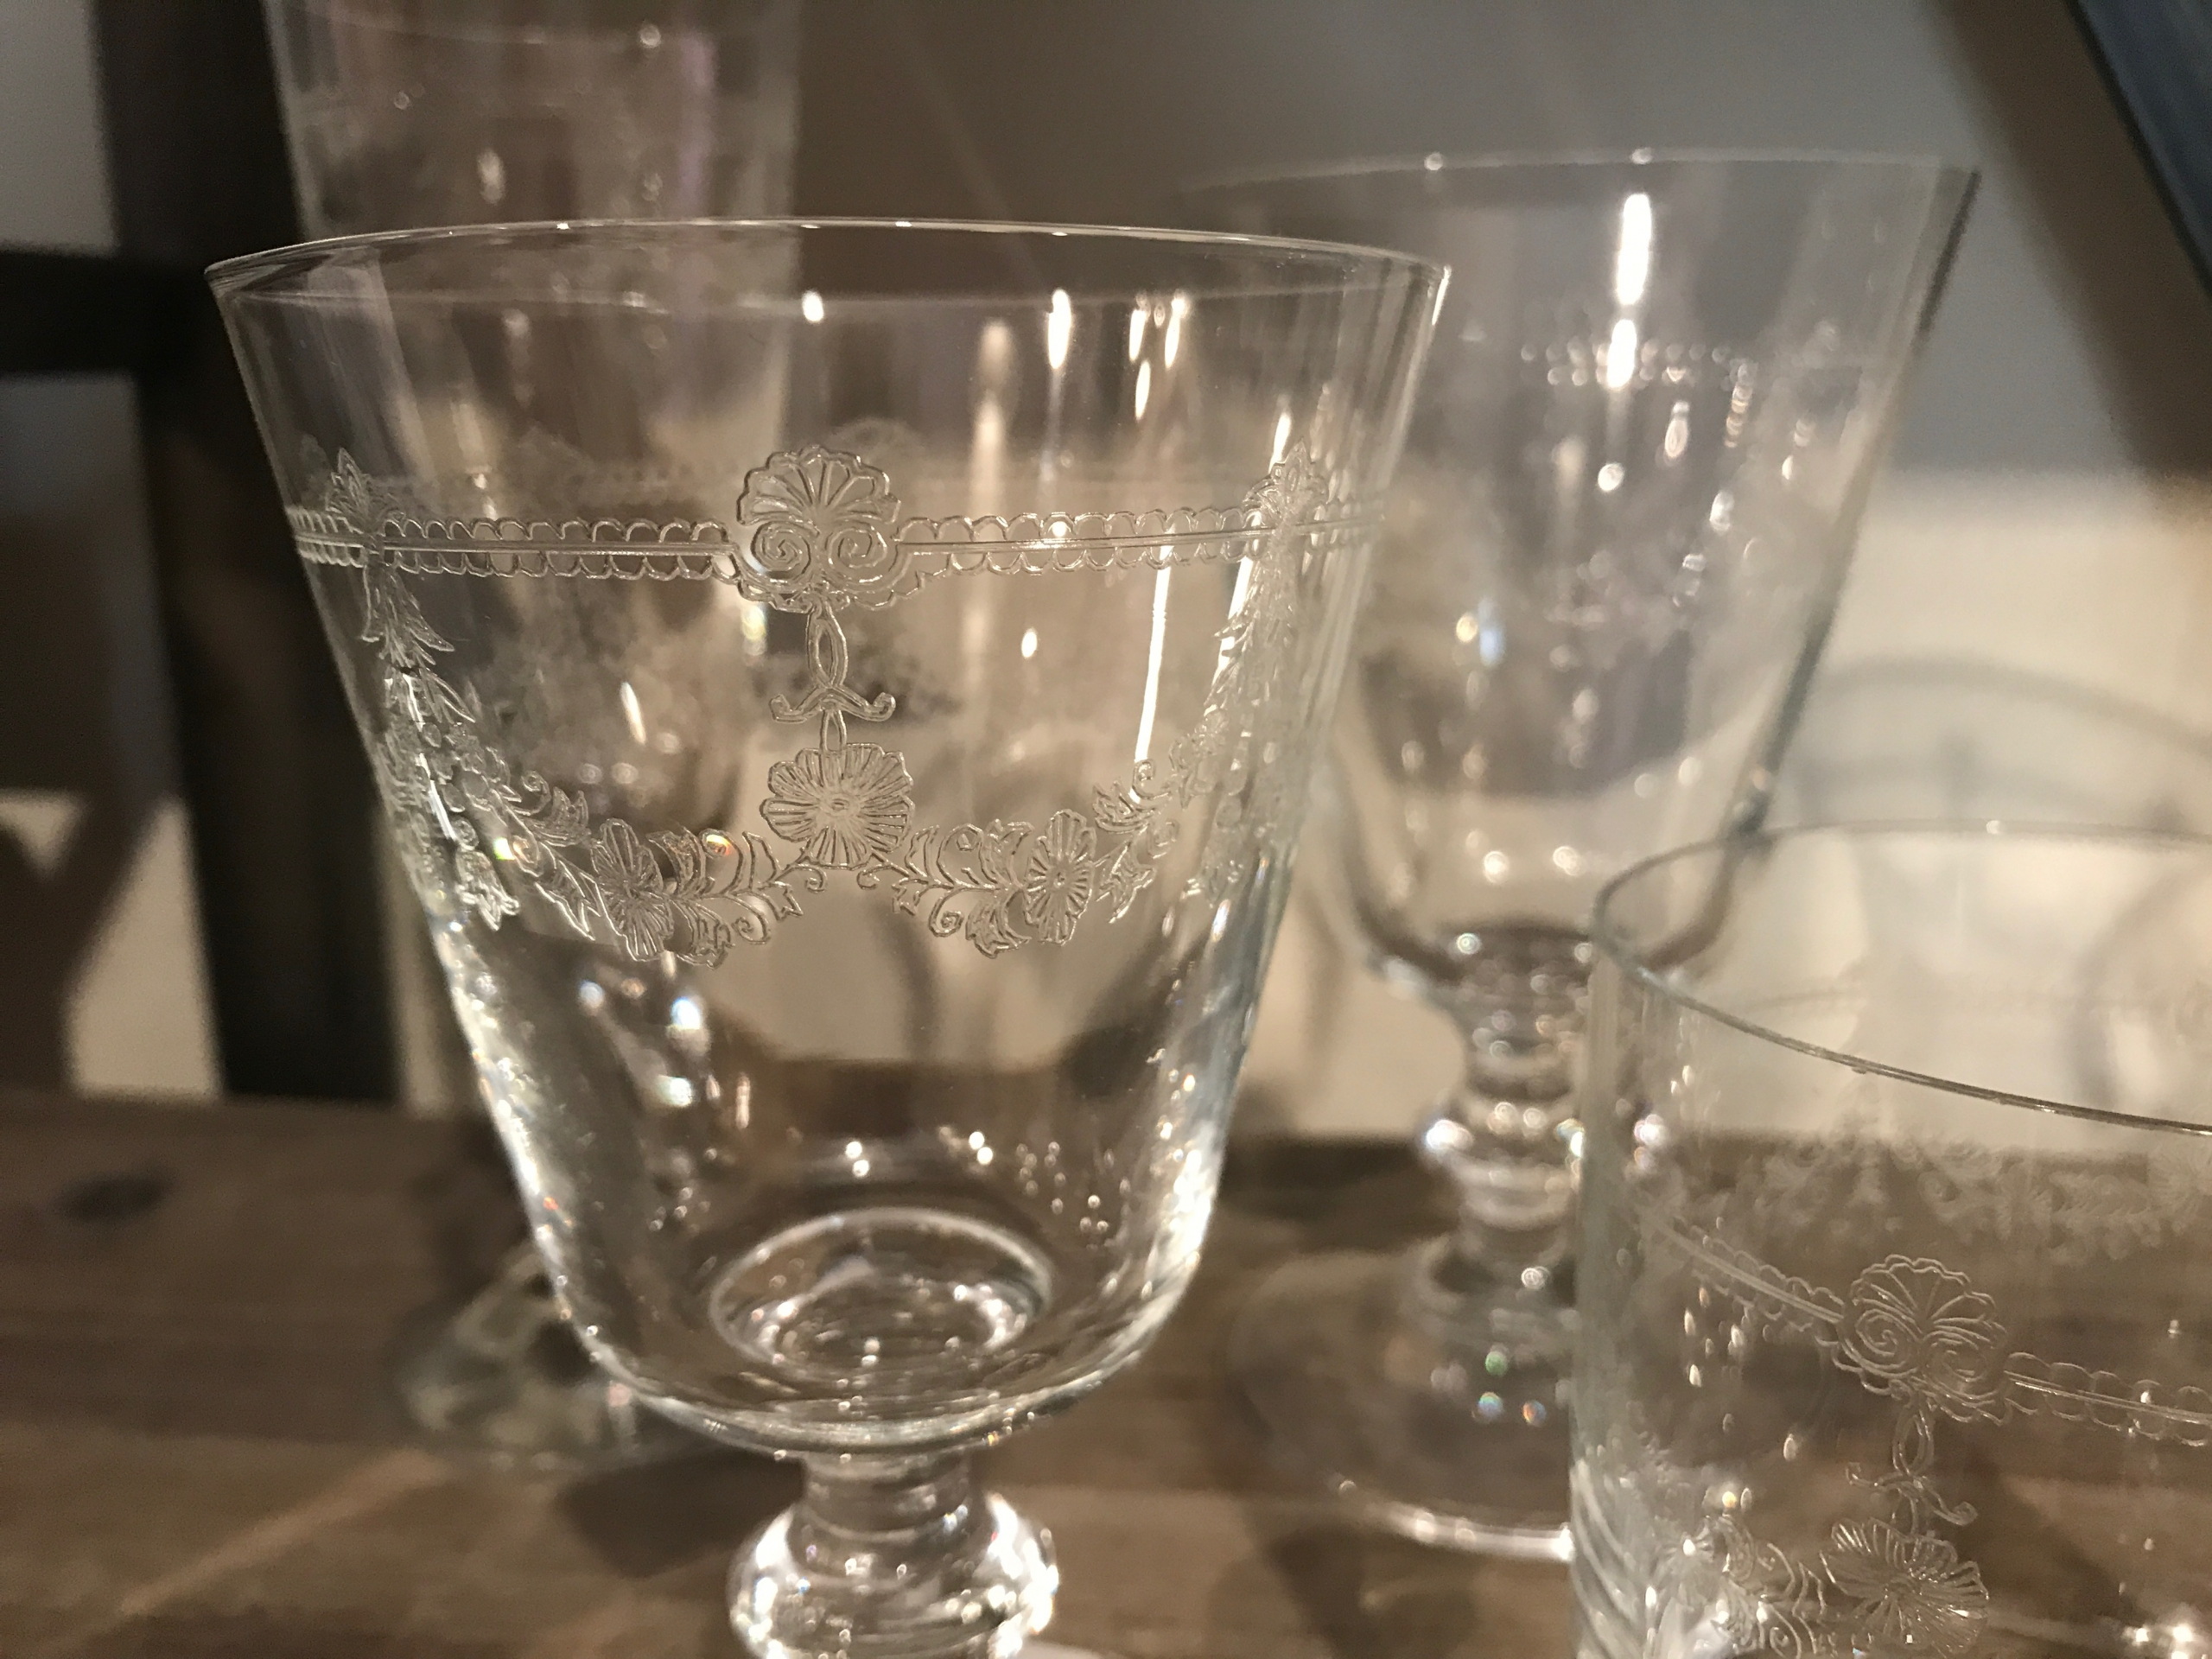 Bicchieri vetro decorati les voyageurs - Bicchieri decorati per natale ...